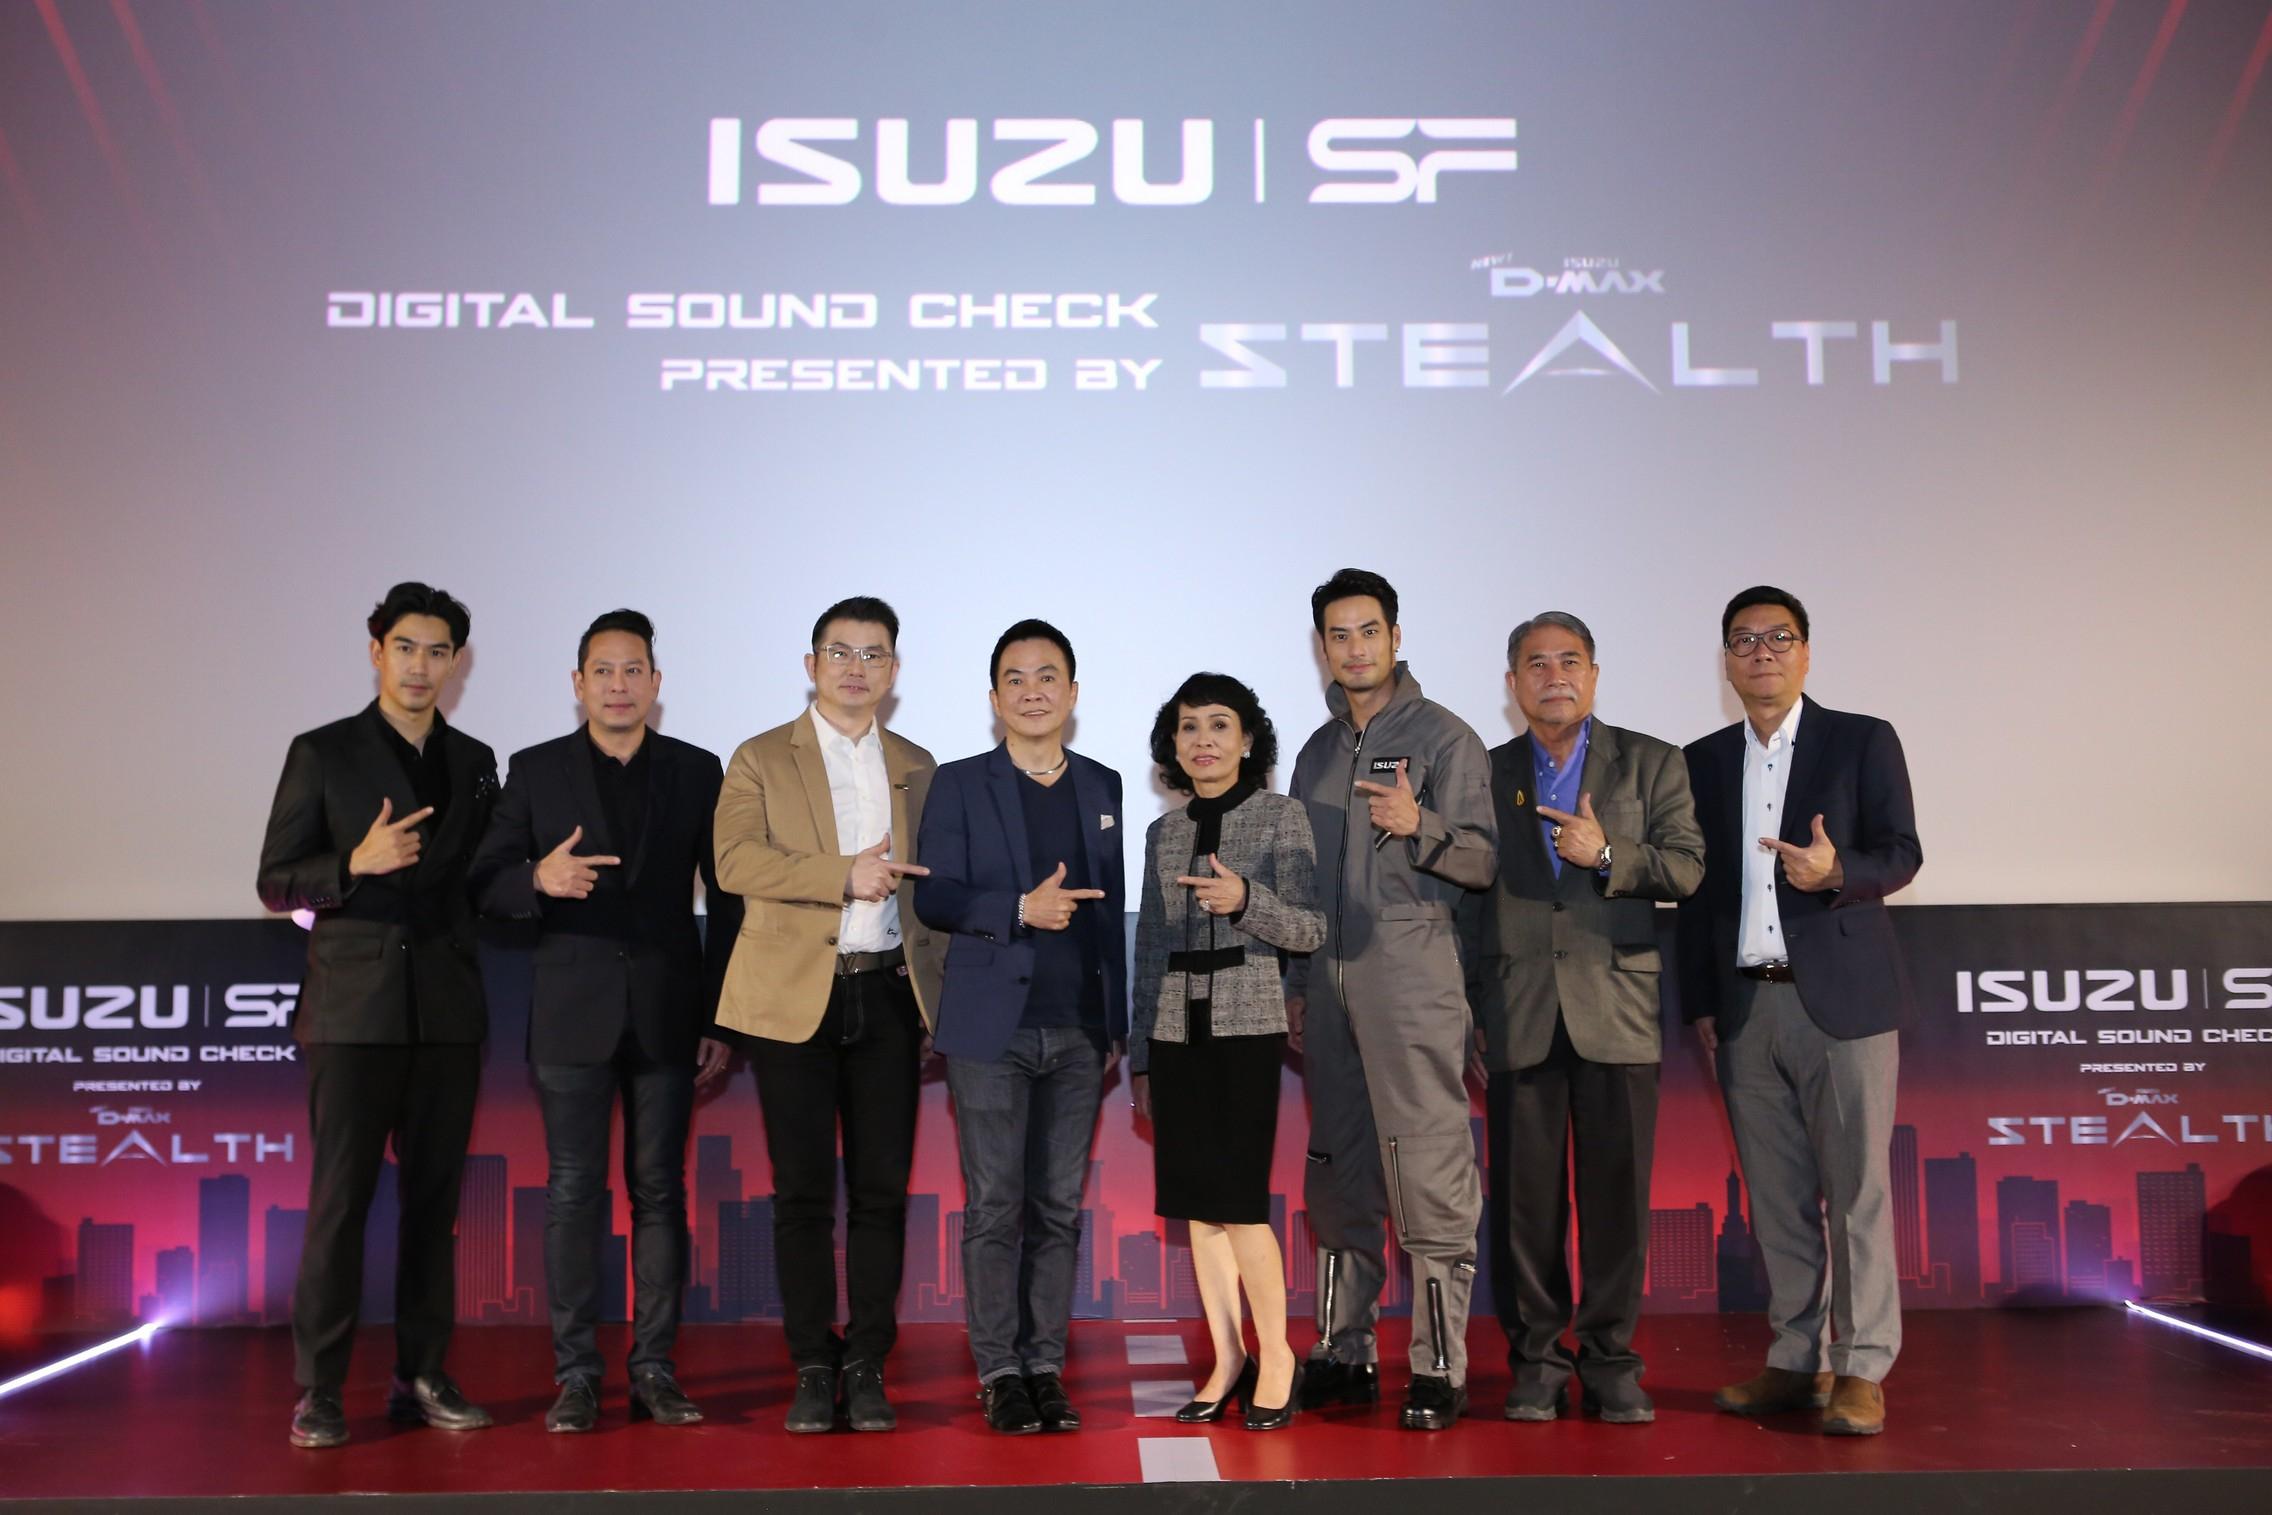 """อีซูซุ ผนึก เอส เอฟ เปิดตัวหนังโฆษณา Digital Sound Check ชุดใหม่ล่าสุด """"THE POWER OF STEALTH"""""""